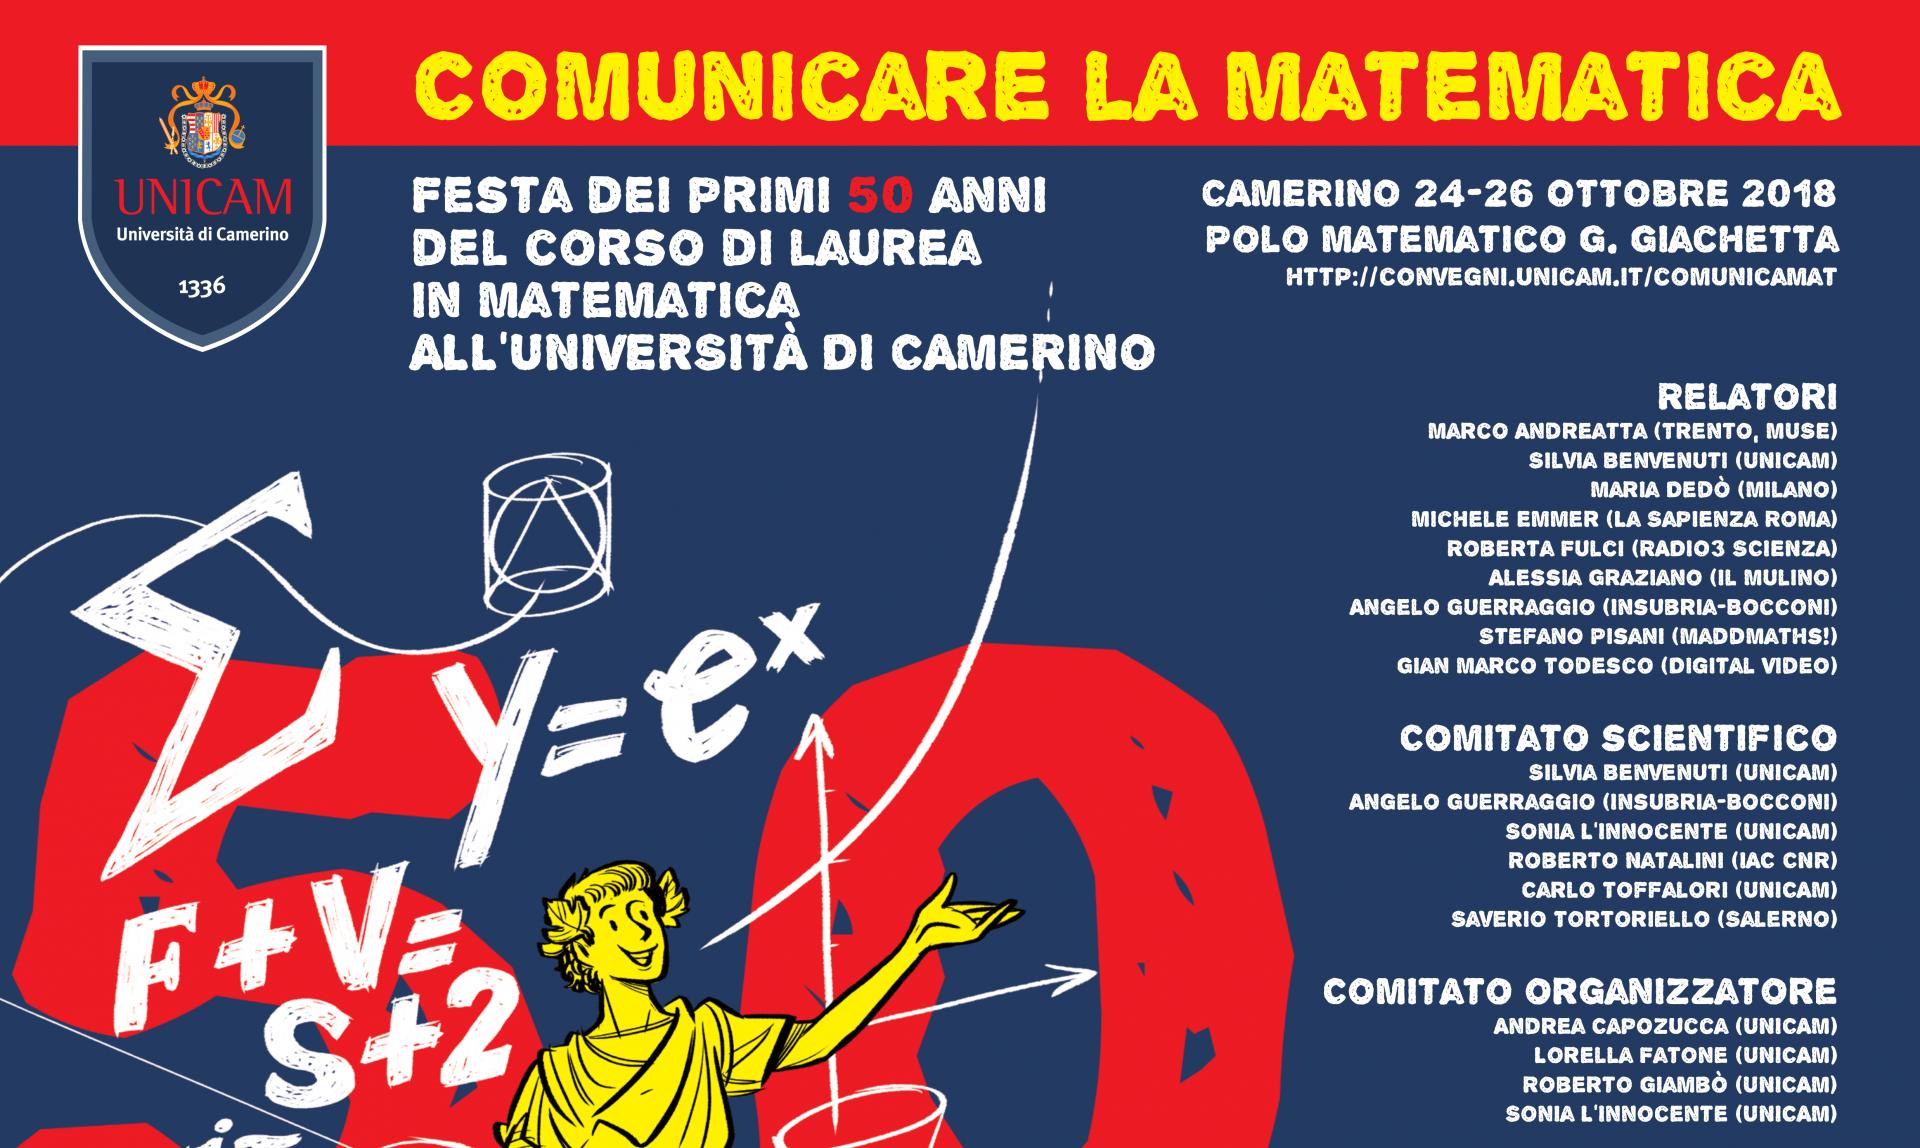 """Convegno """"COMunicare la Matematica"""" a Camerino dal 24 al 26 ottobre"""